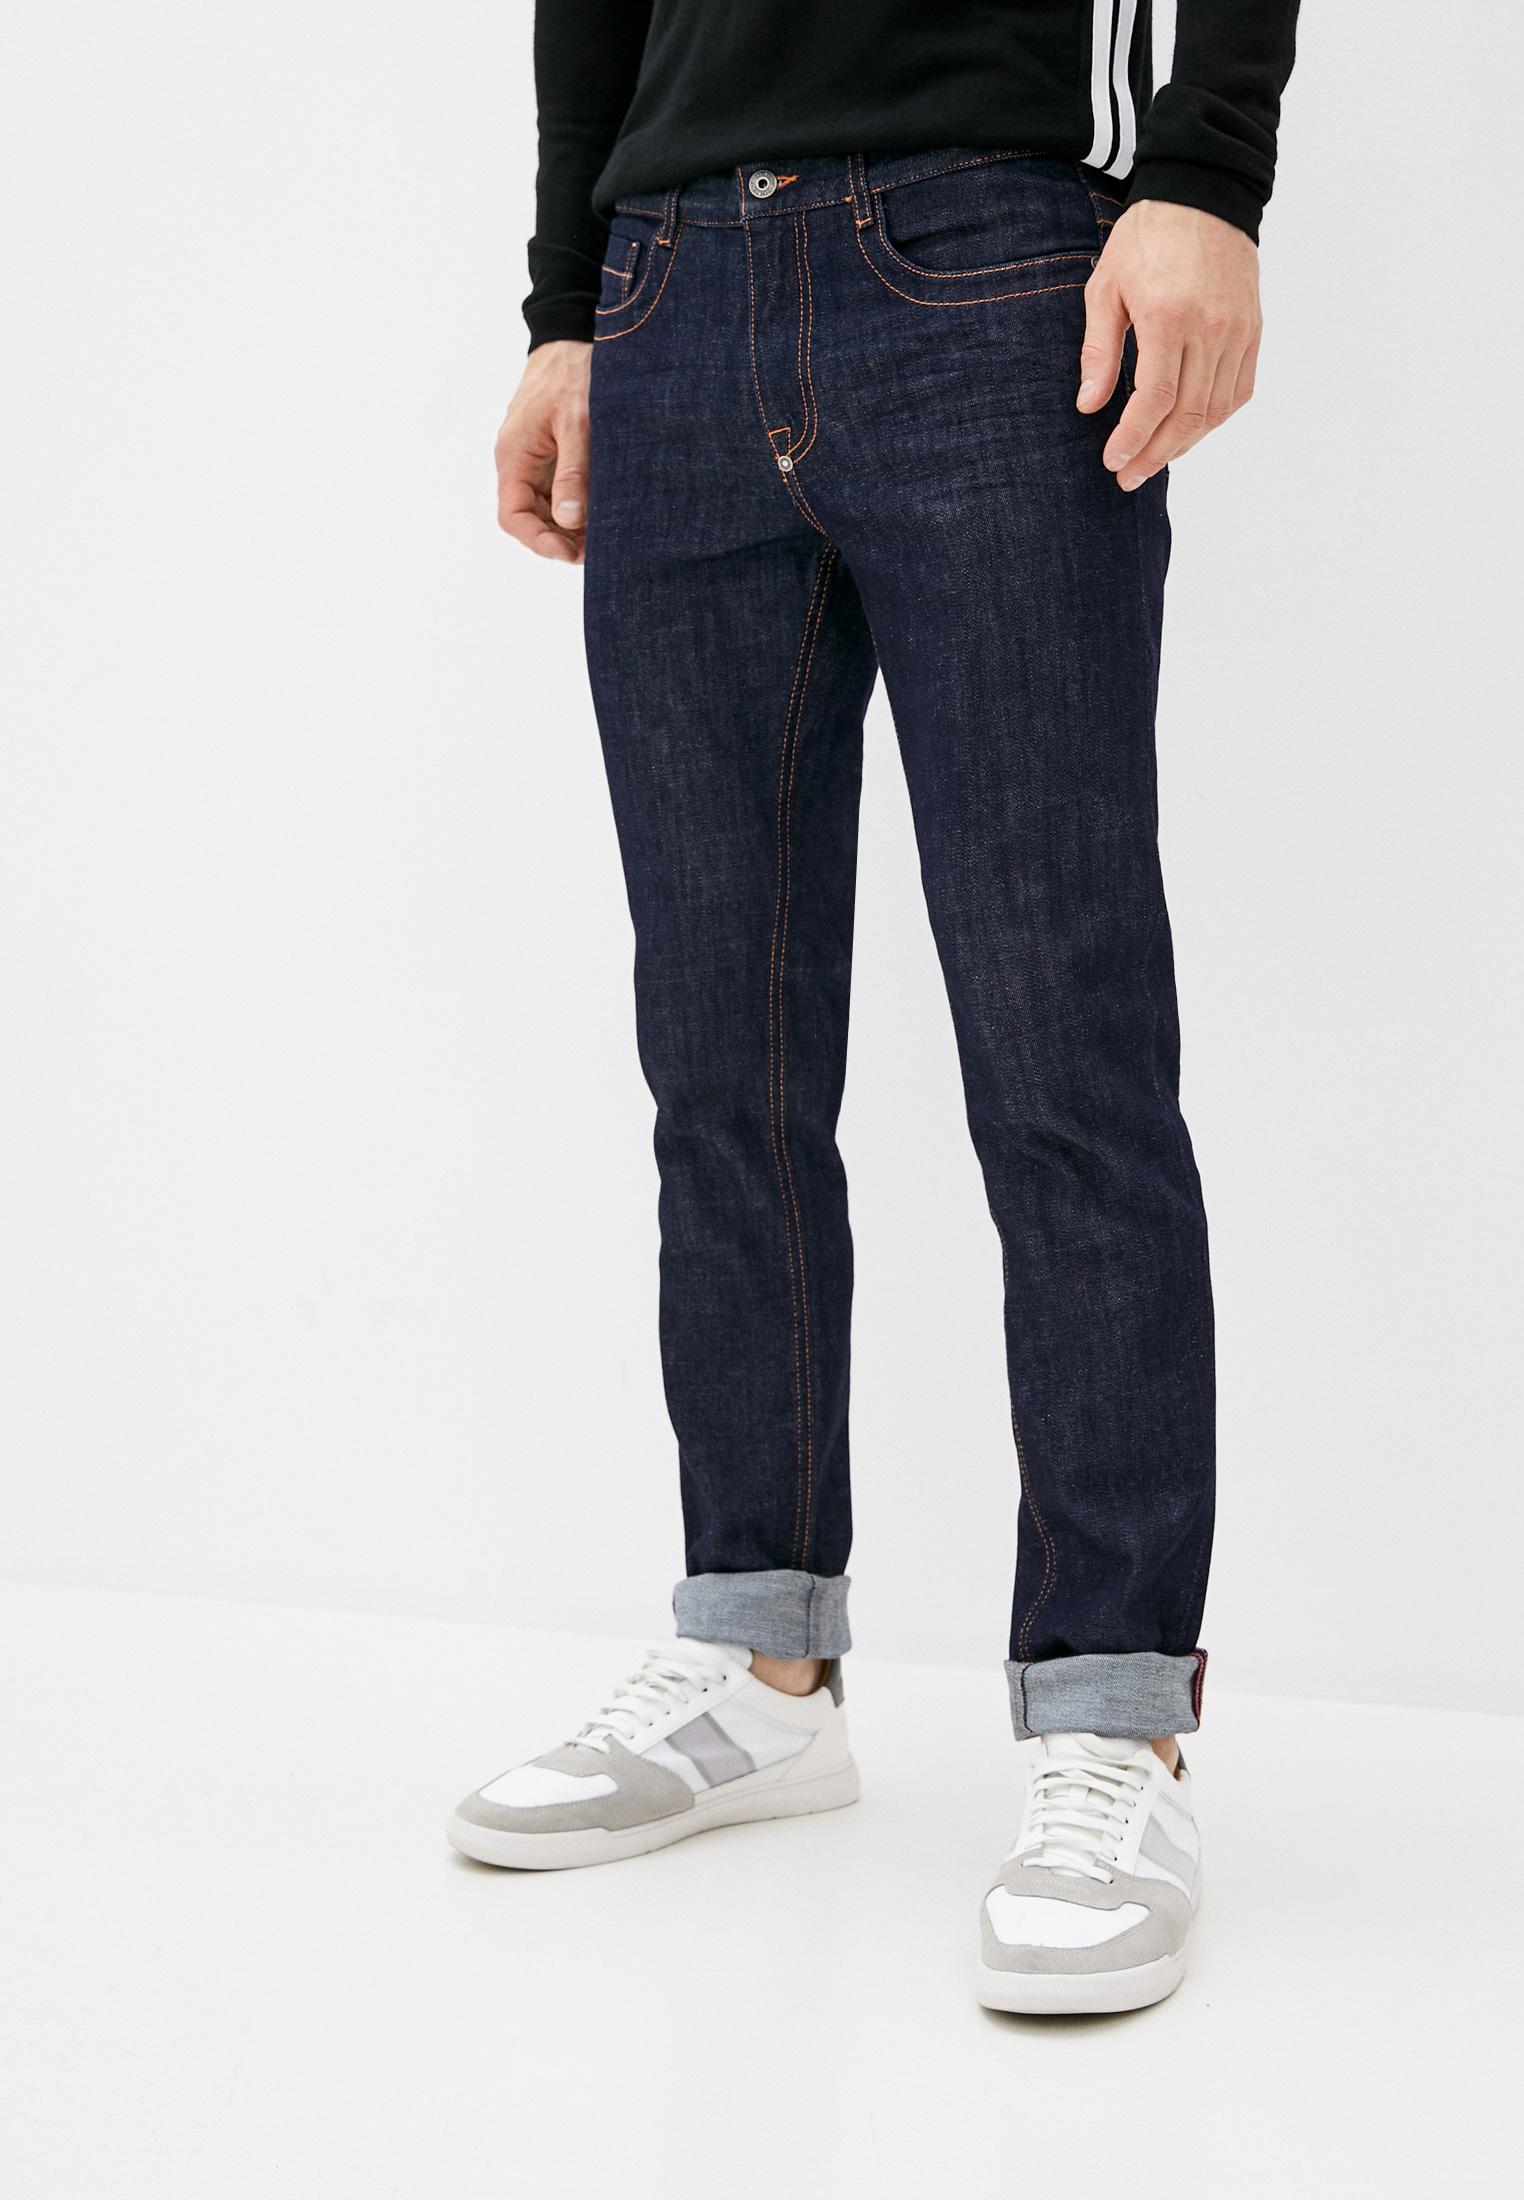 Зауженные джинсы Bikkembergs C Q 101 03 S 3393: изображение 1